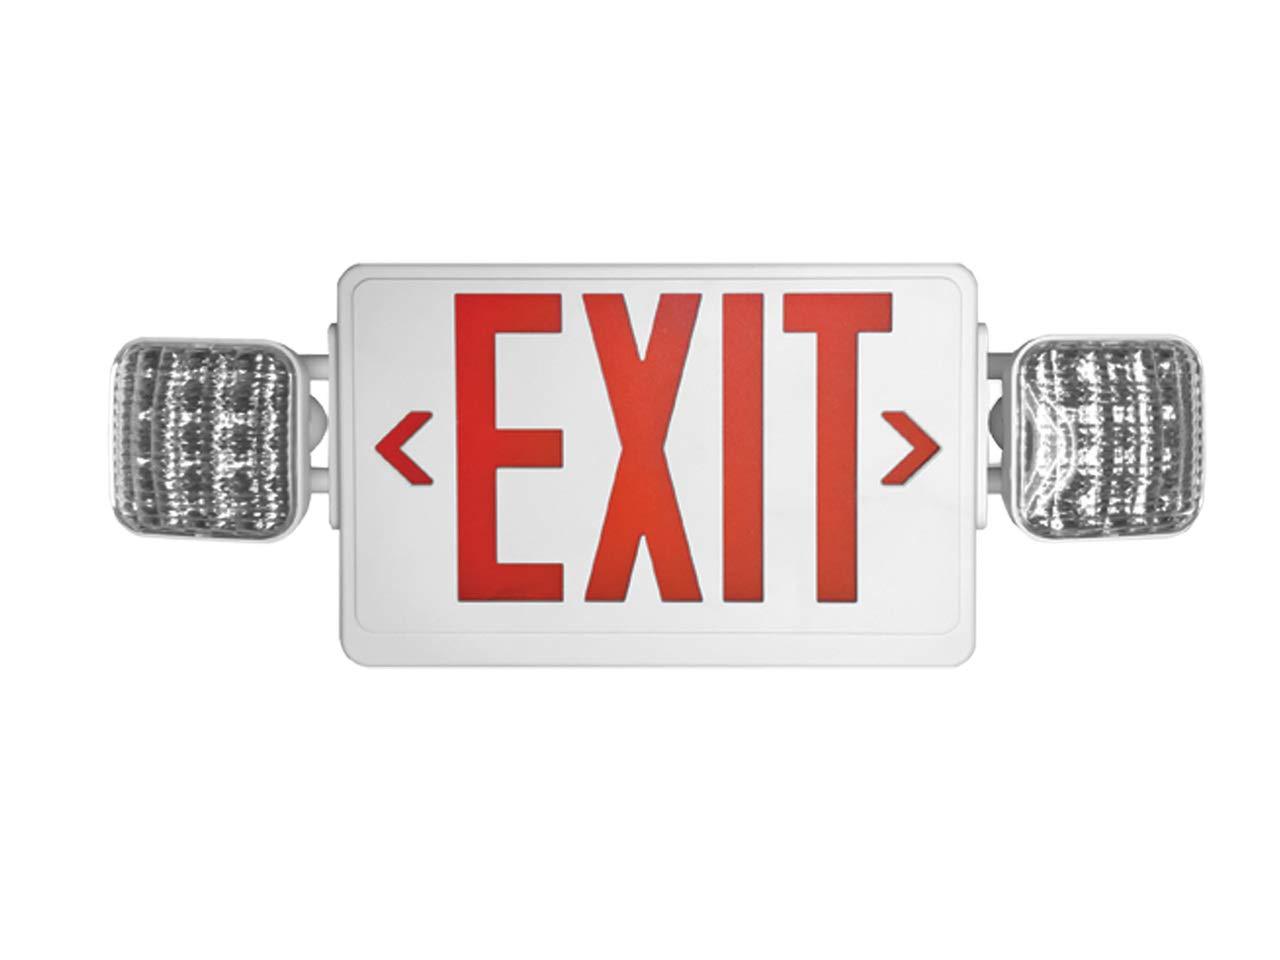 Howard Lighting HL03143RWRC LED White Case Exit Sign/Emergency Light Combo